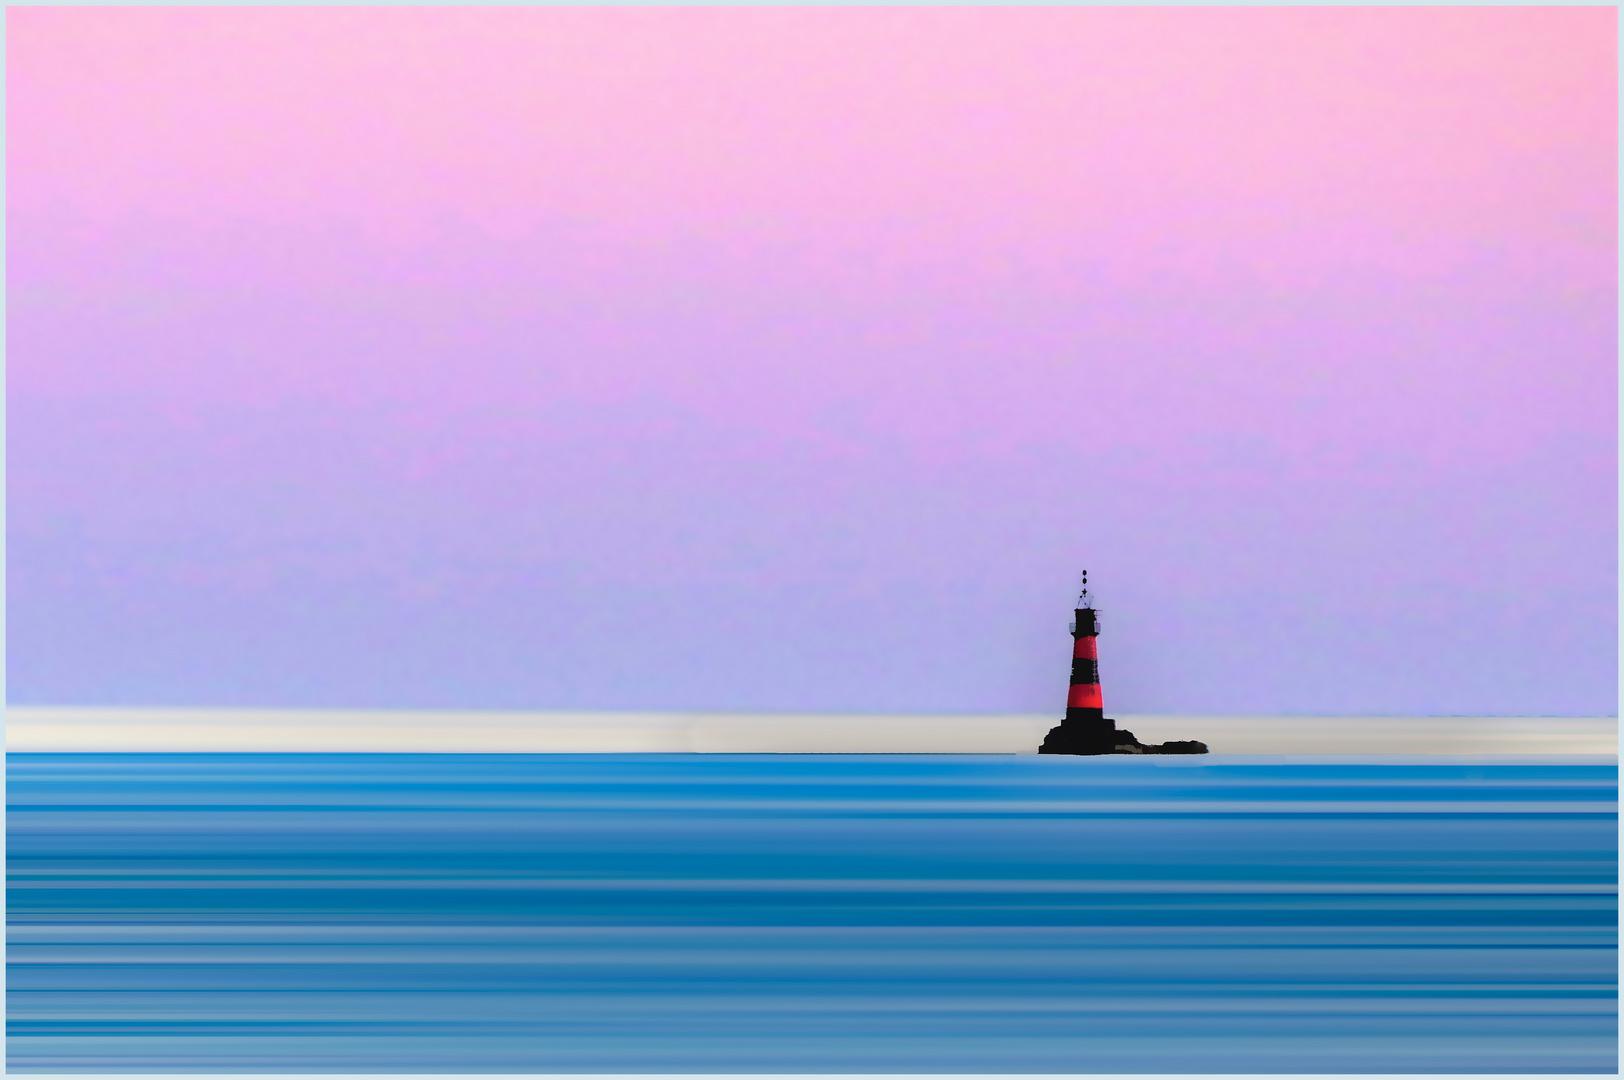 les couleurs du matin par beau temps ....